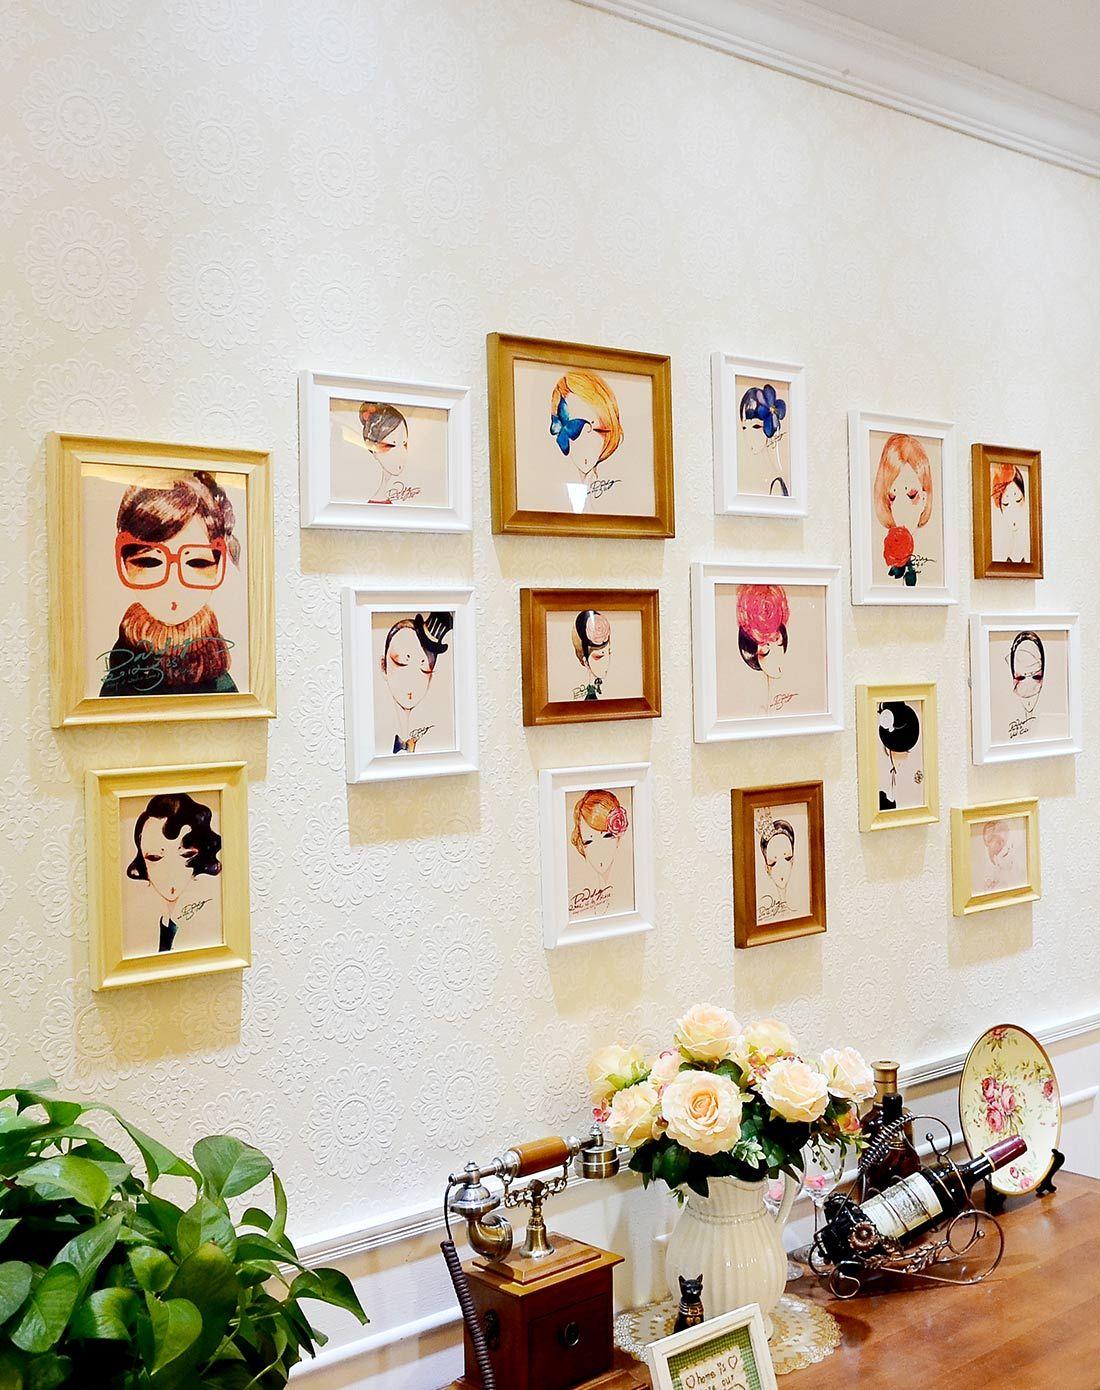 时尚欧式客厅照片墙